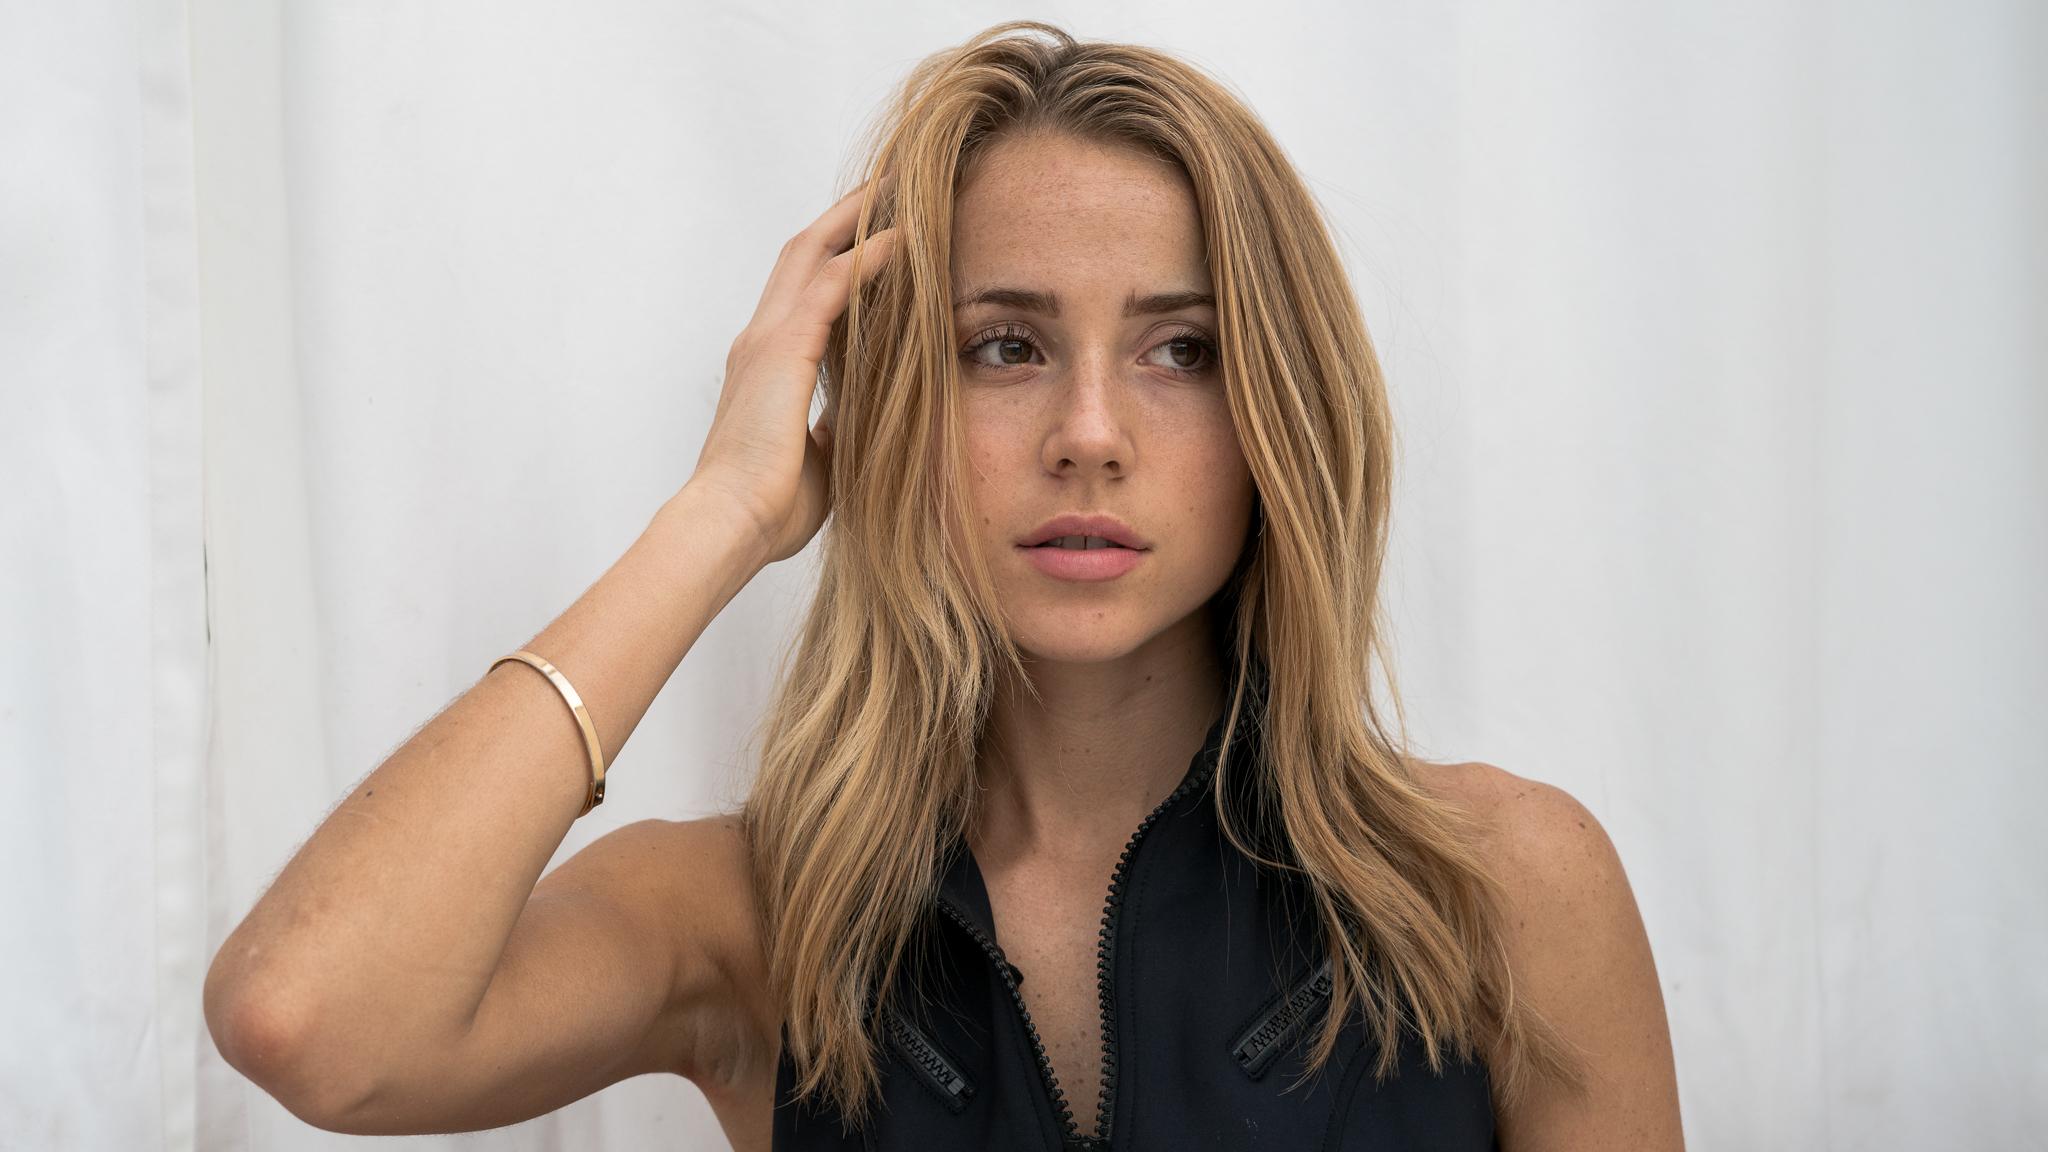 Ellen-12.jpg